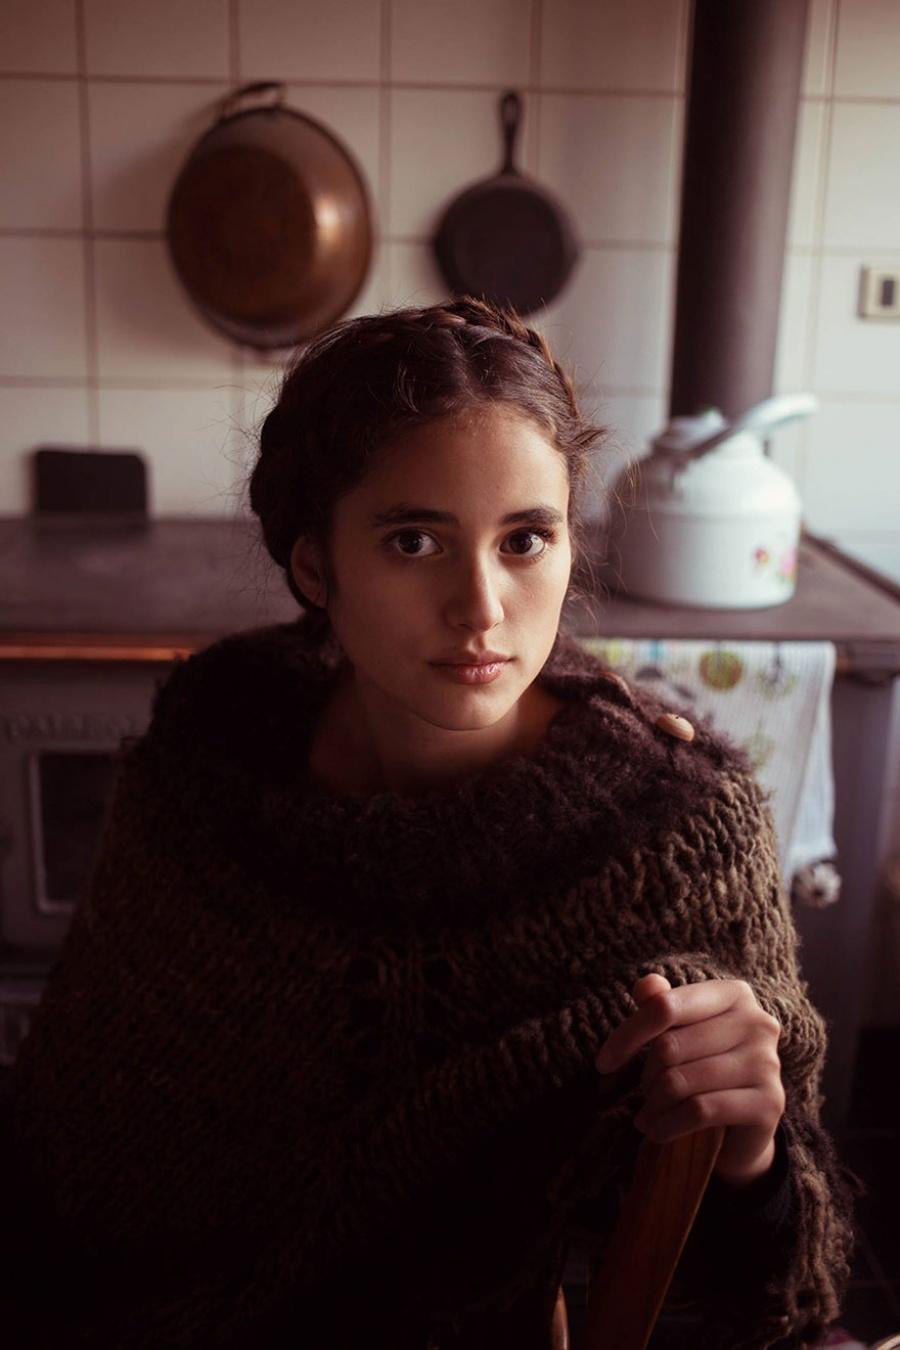 13379760-R3L8T8D-900-different-countries-women-portrait-photography-michaela-noroc-14-El-Paico-Chile